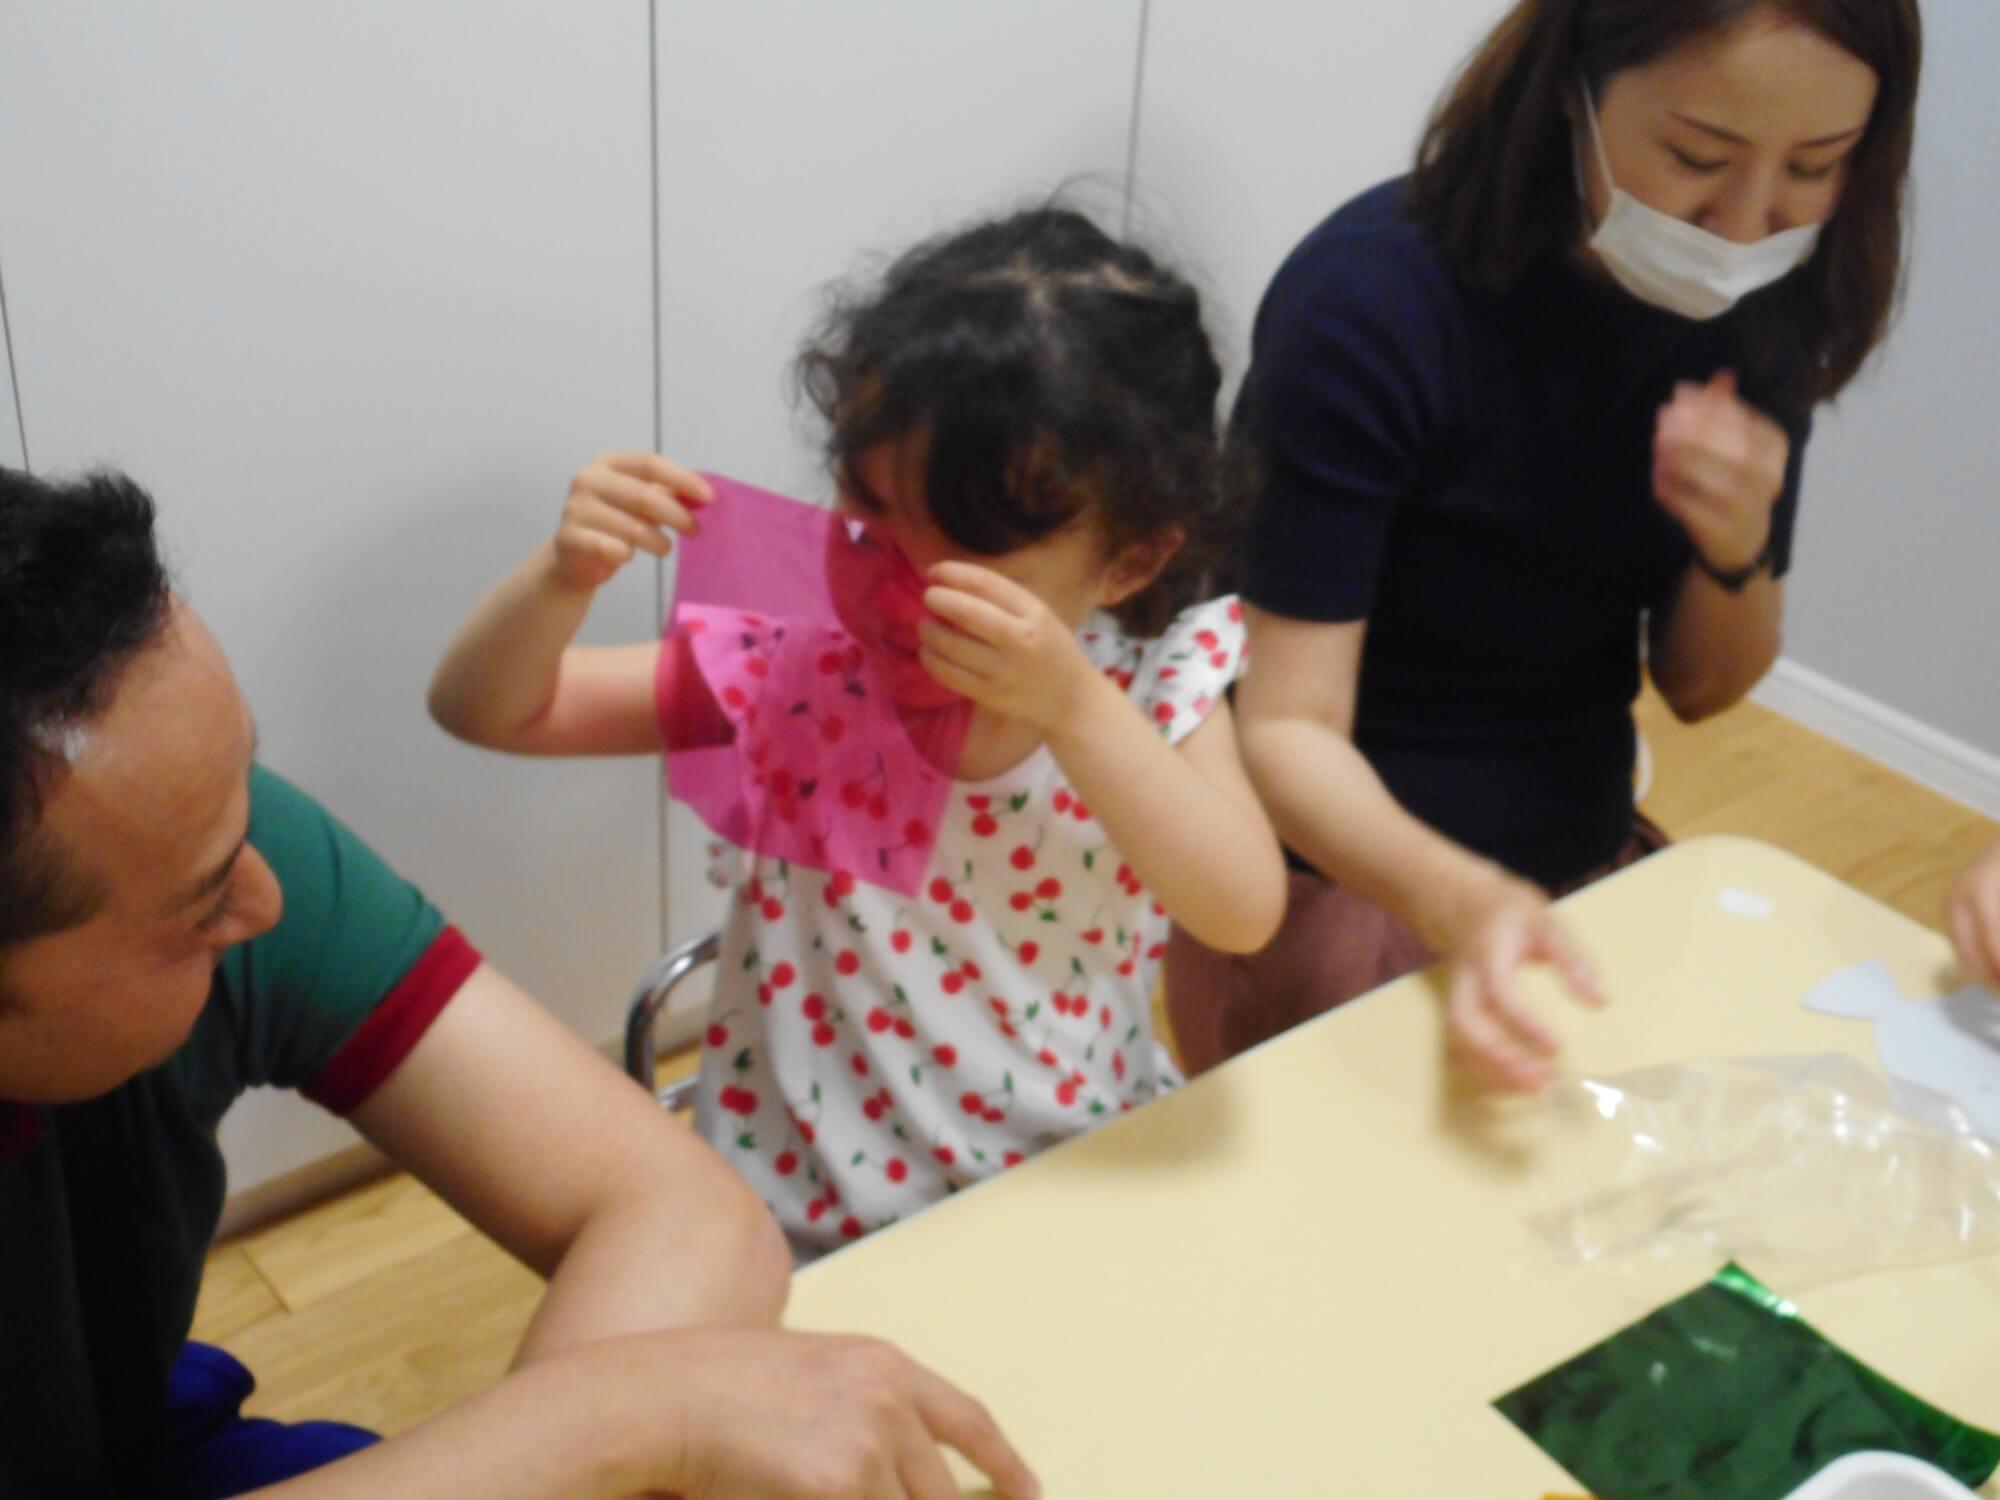 カラーセロハンで制作する子ども